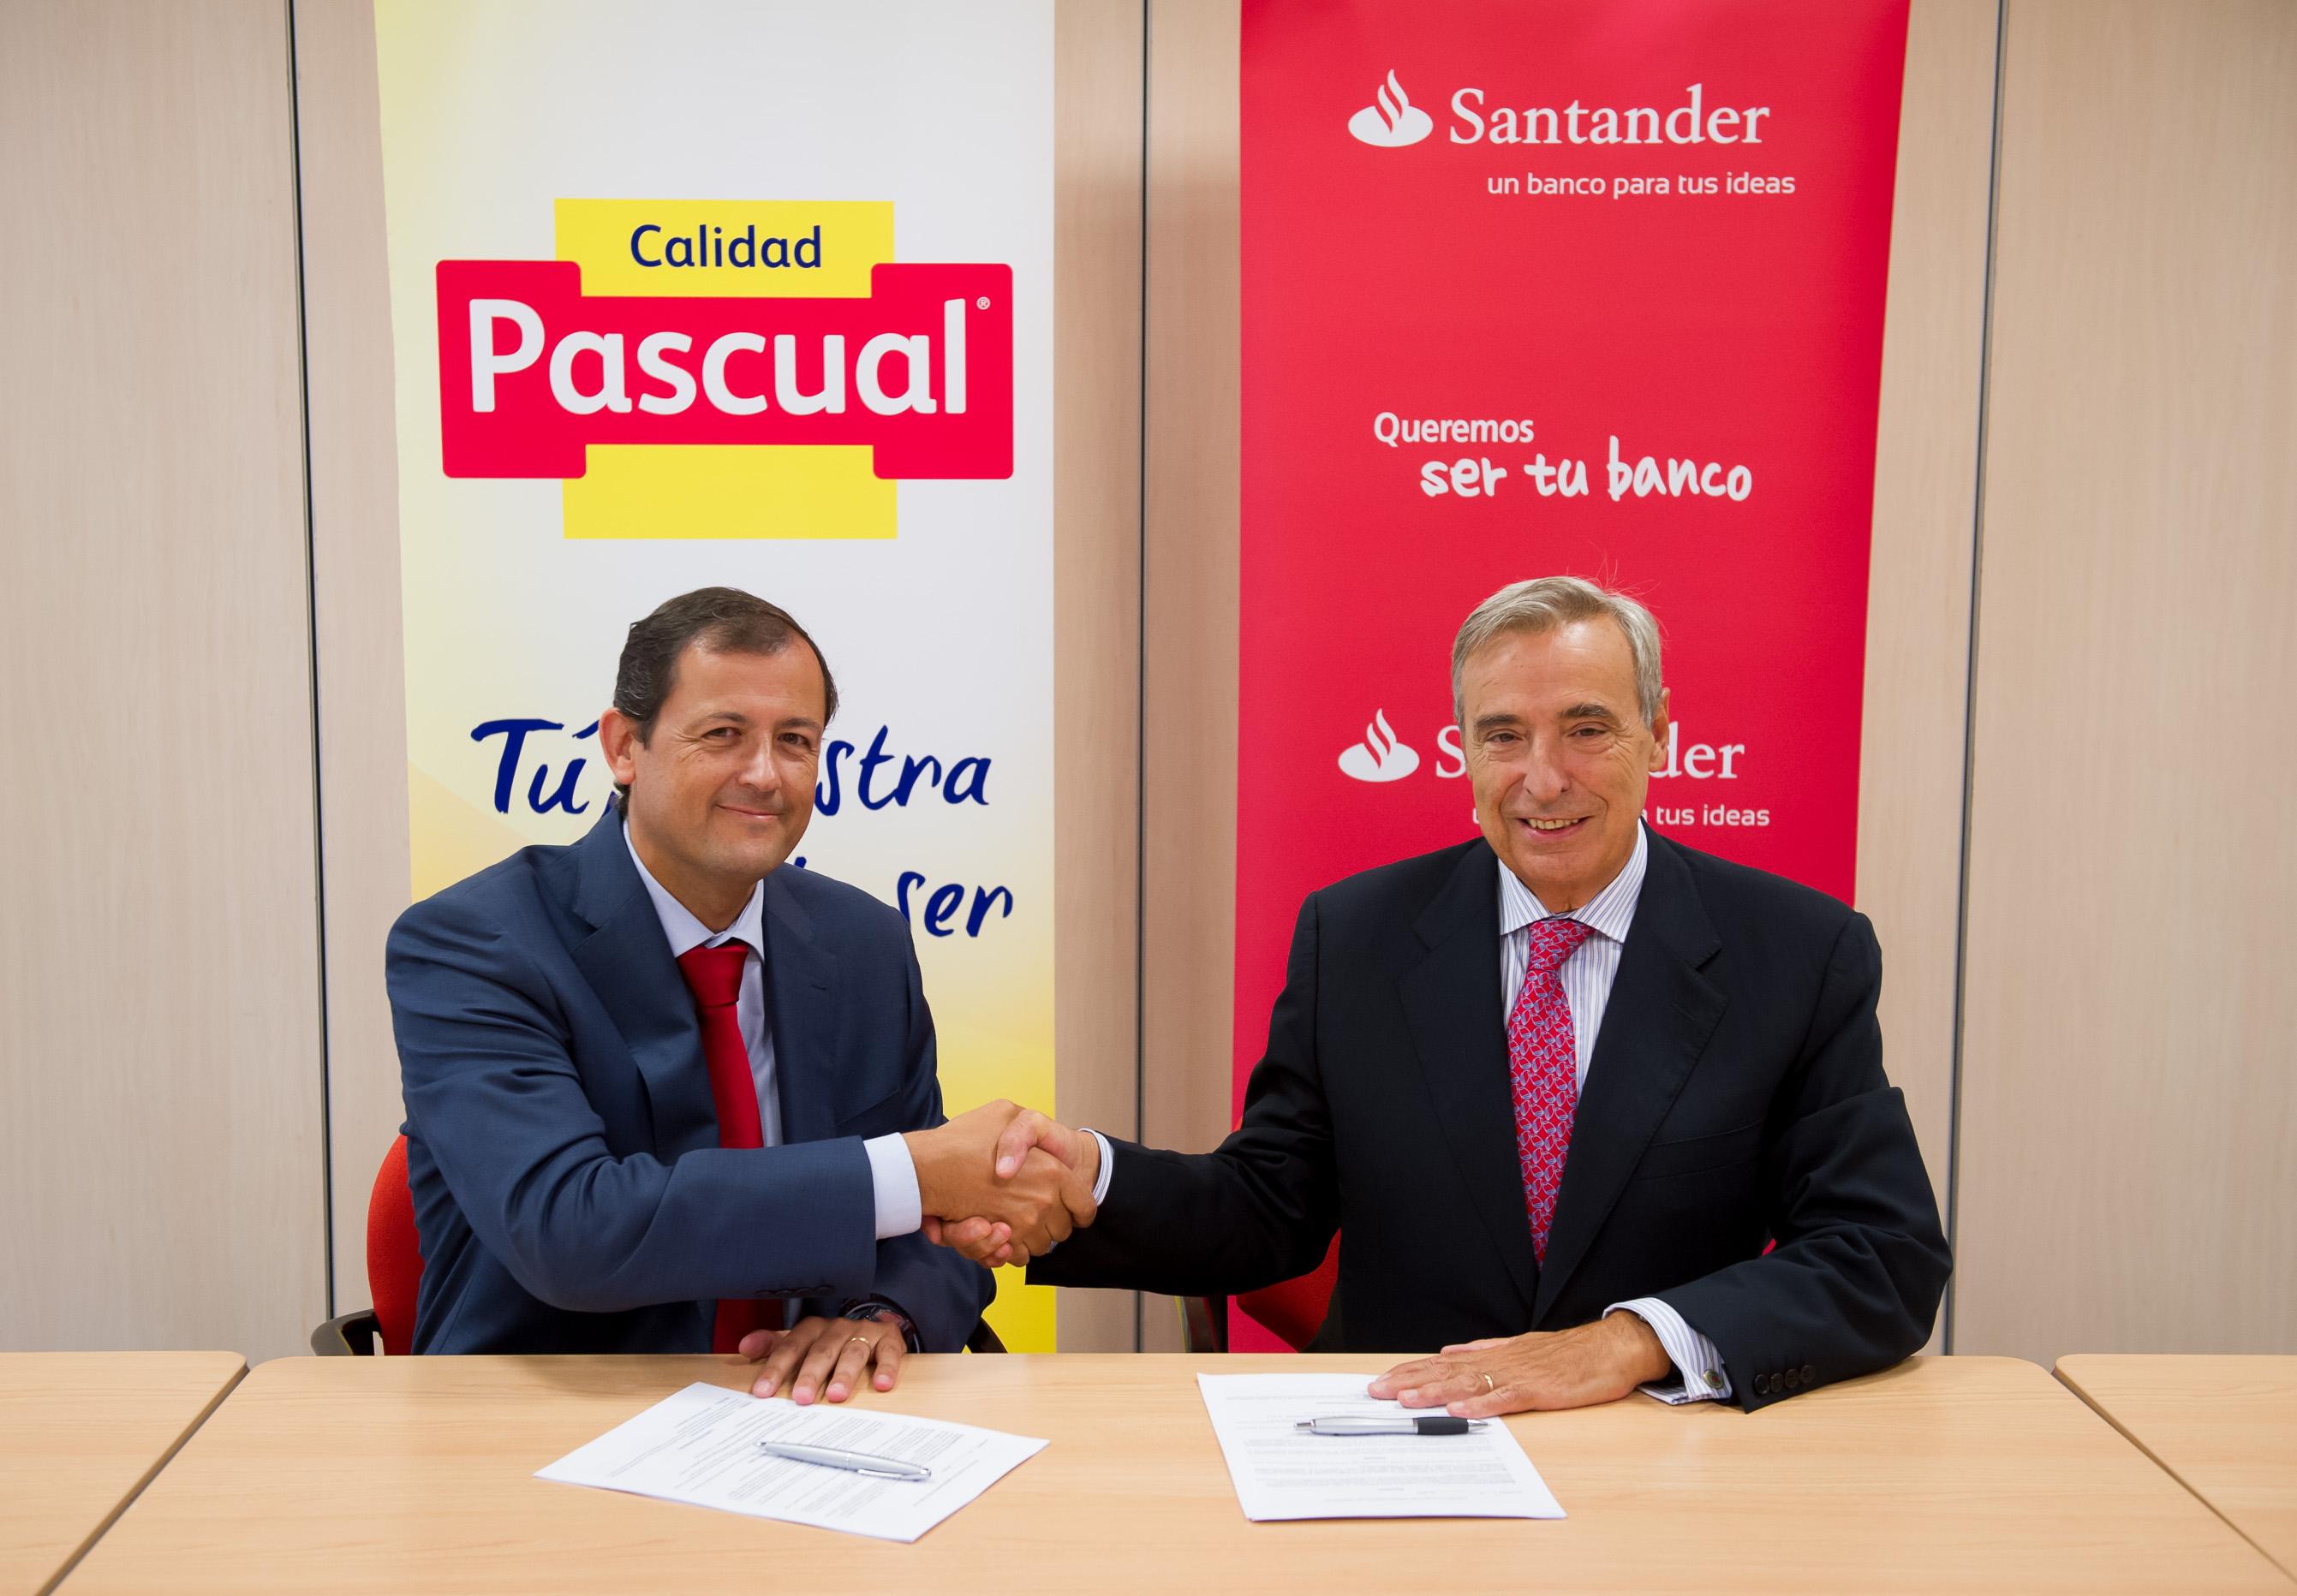 Banco Santander, proveedor oficial de renting de vehículos de Calidad Pascual